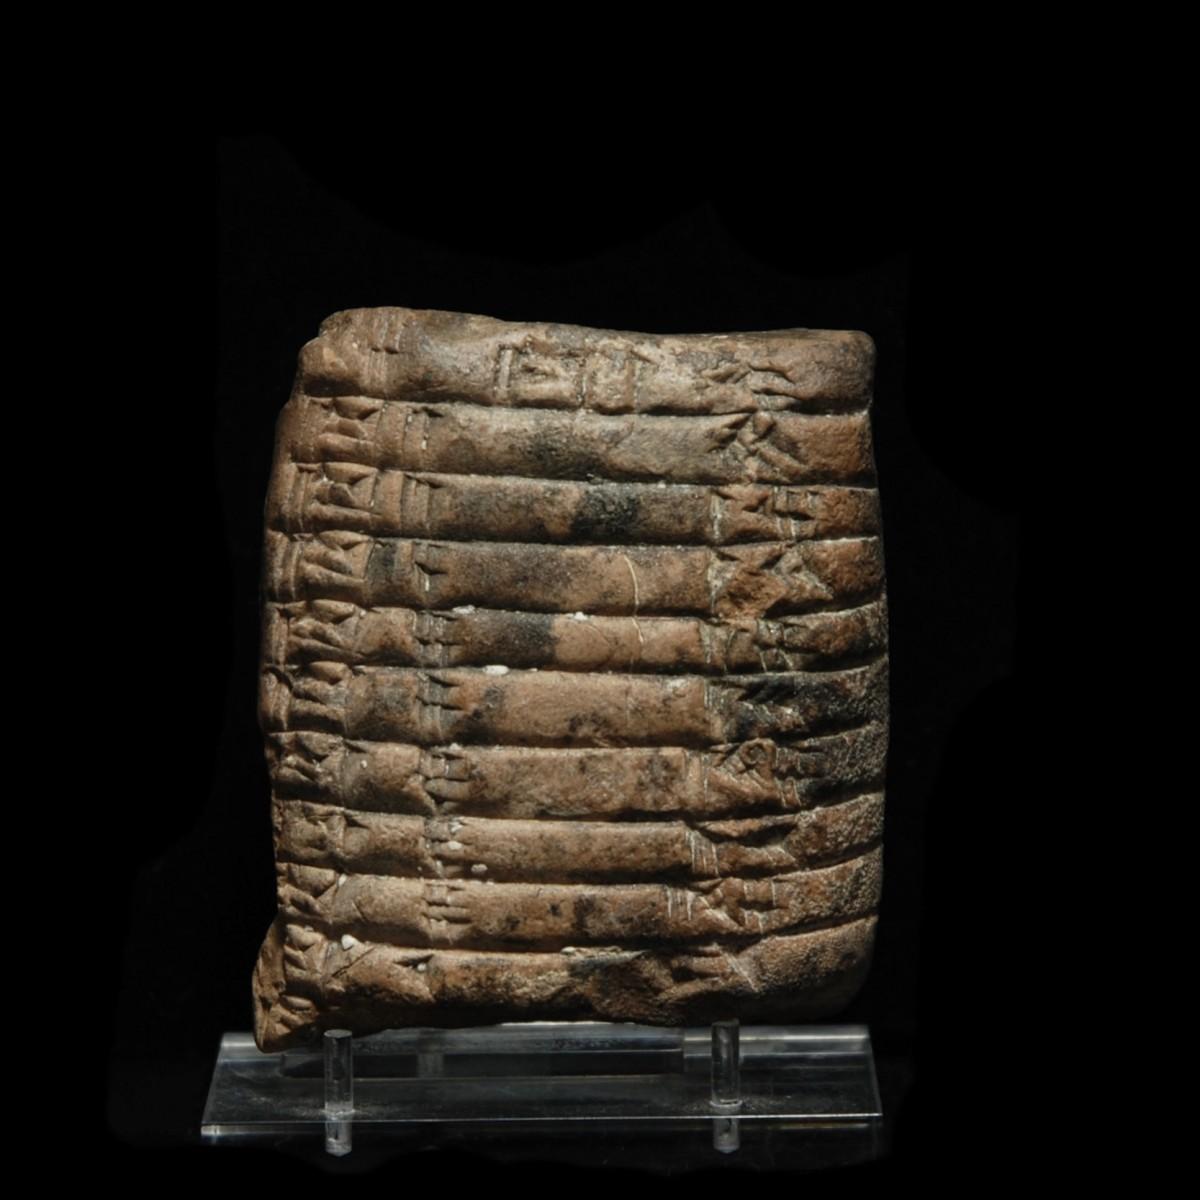 Cuneiform tablet mathematic